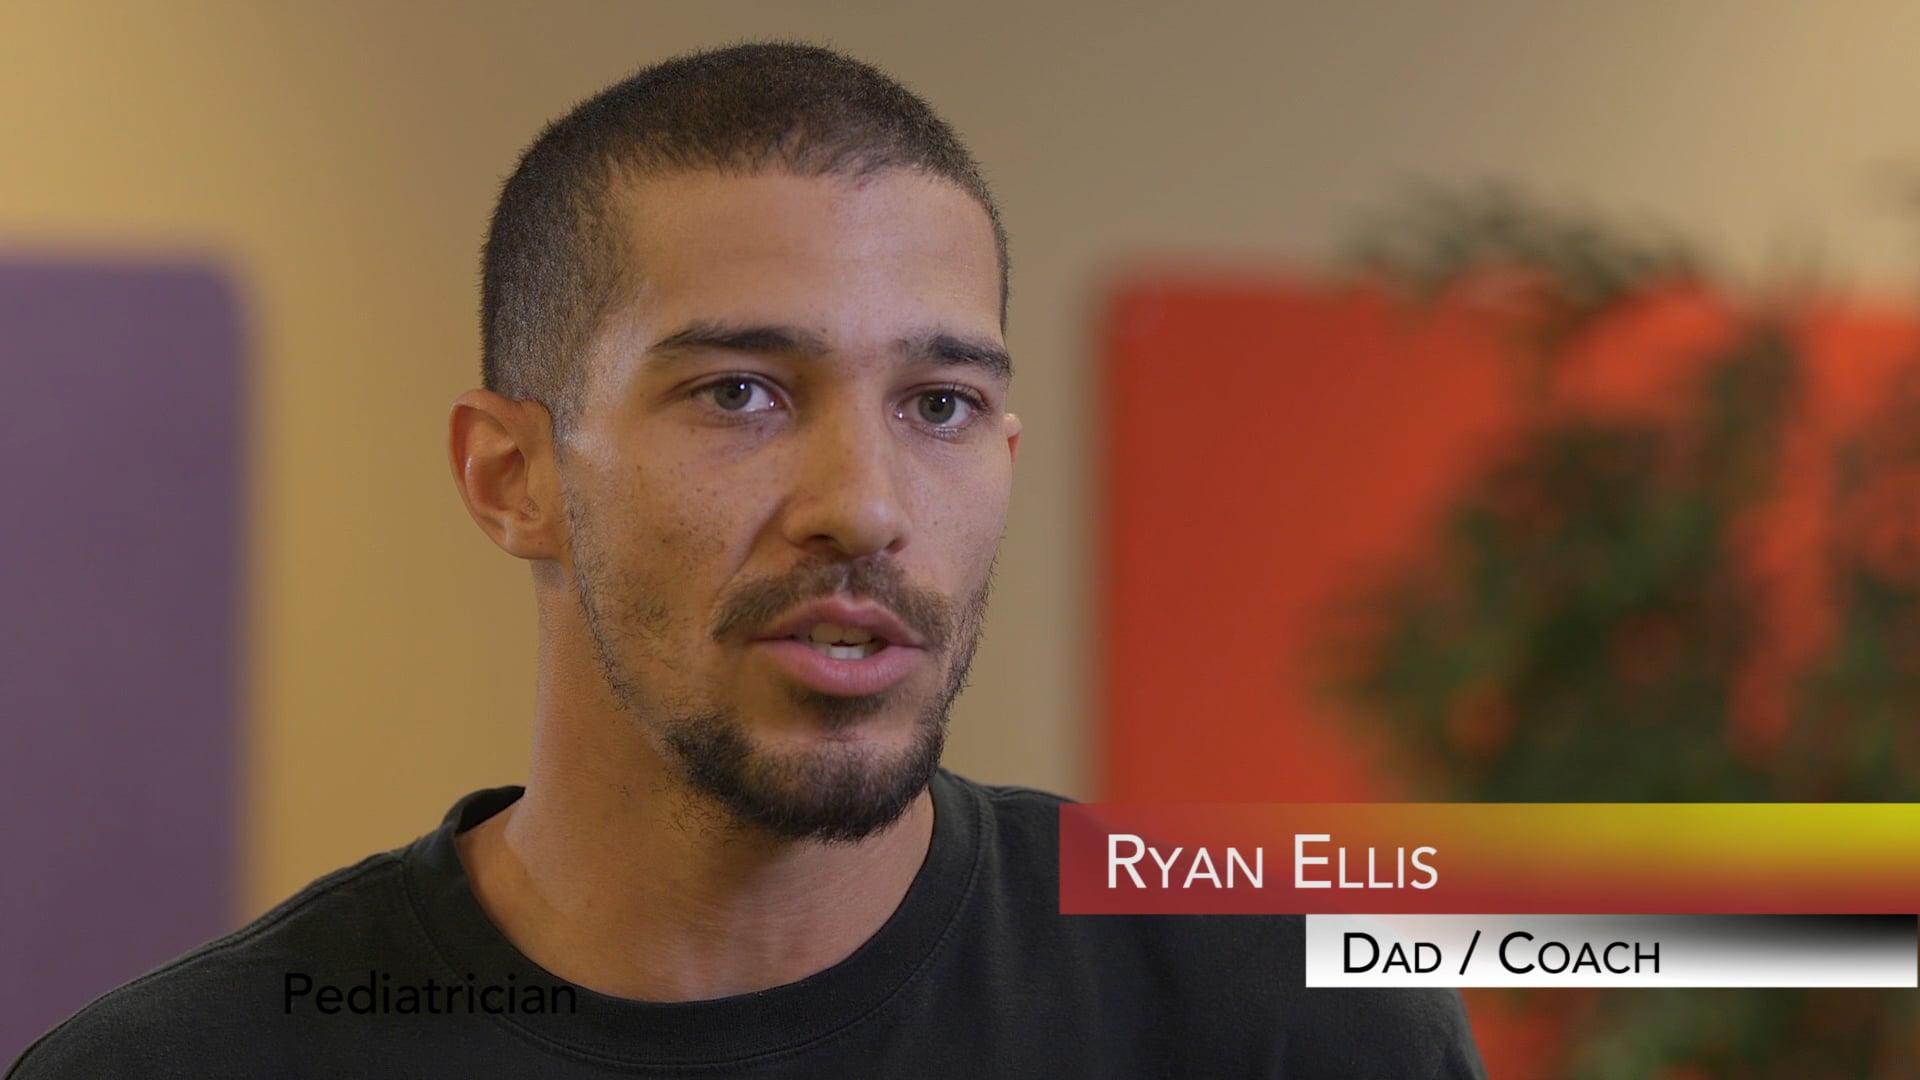 Ryan Ellis Testimonial